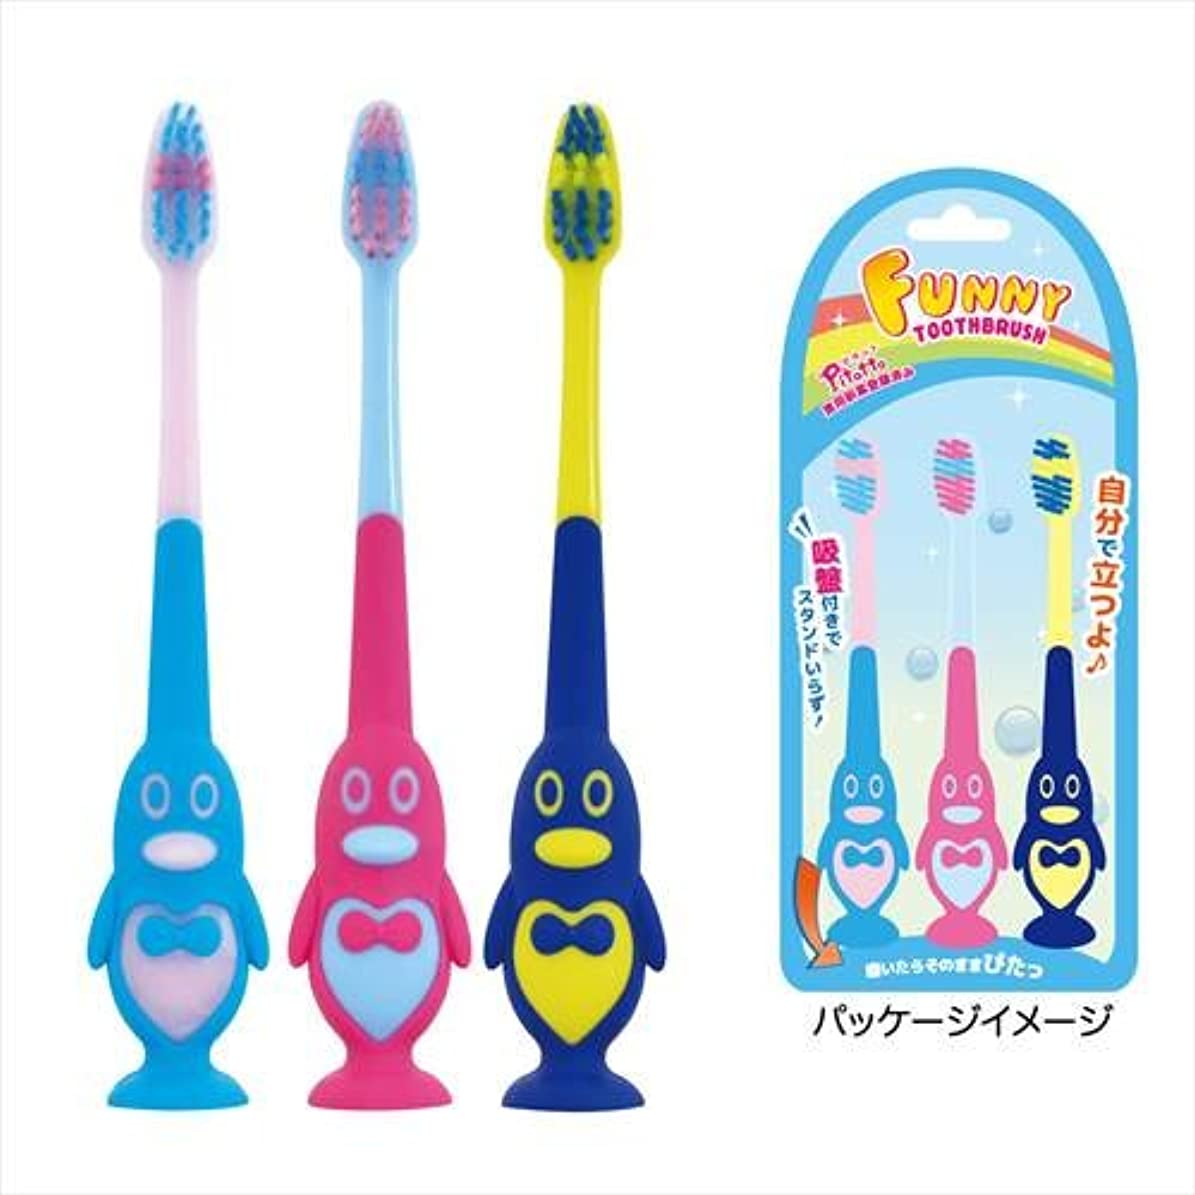 四分円艶ギャロップ[歯ブラシ] 吸盤付き歯ブラシ 3本セット/ペンギン ユーカンパニー かわいい 洗面用具 グッズ 通販